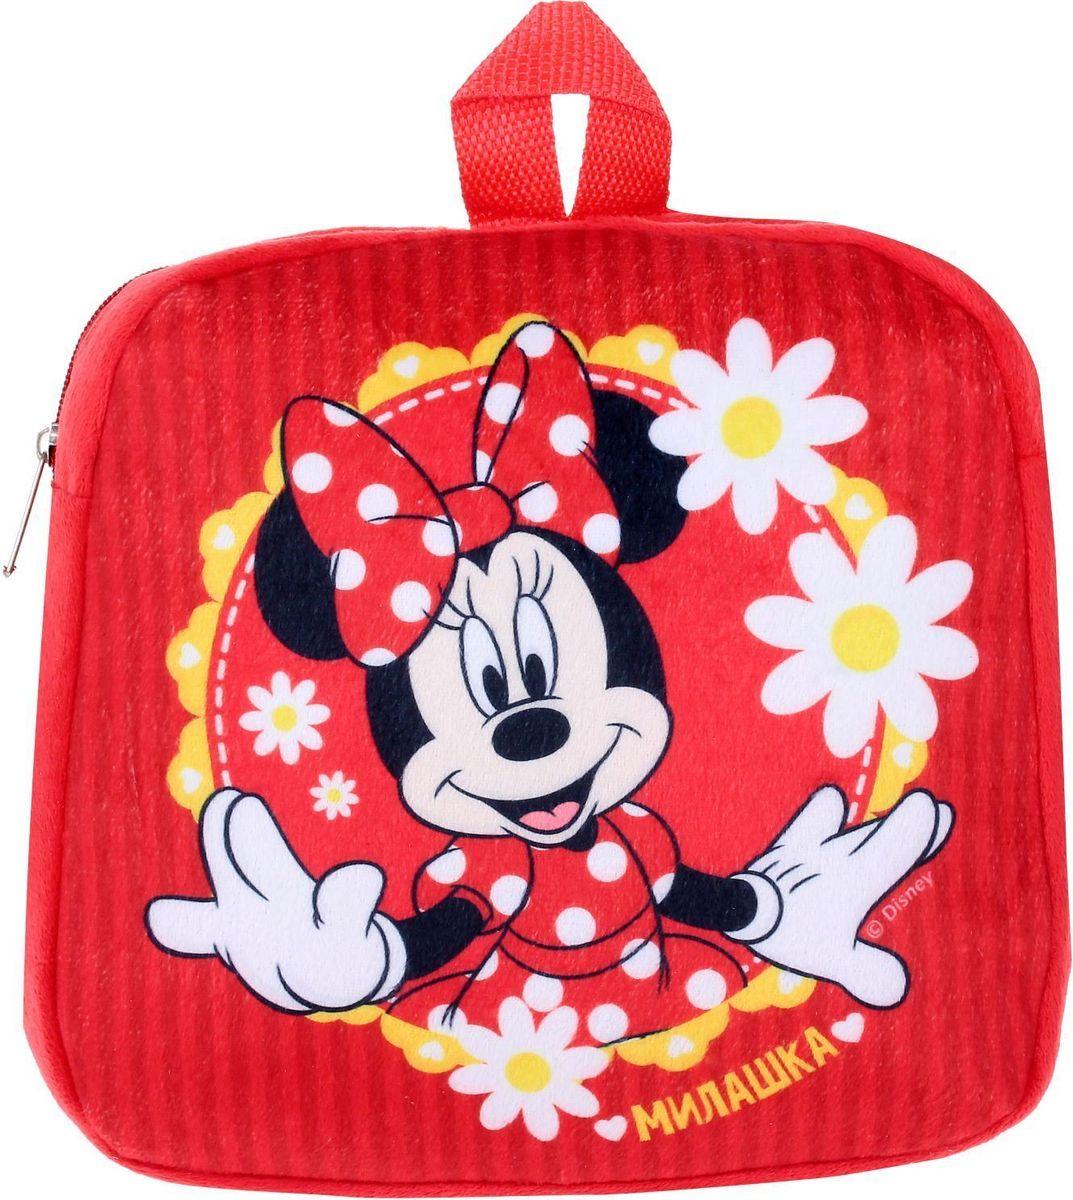 Disney Рюкзак дошкольный Минни Маус Милашка1745527Дети обожают брать с собой игрушки. Для этого отлично подойдет небольшой, но вместительный рюкзачок Disney!Это не просто рюкзак, но и безумно приятная на ощупь игрушка! Изделие изготовлено из качественного мягкого плюша. Молния надежно сохранит все вещи внутри, а регулируемые ремешки сделают время, проведенное с любимым героем, еще комфортнее! Сверху имеется удобная ручка для переноски рюкзака в руке.Шильдик с незаполненным полем, который прилагается к изделию, вы можете использовать как мини-открытку.